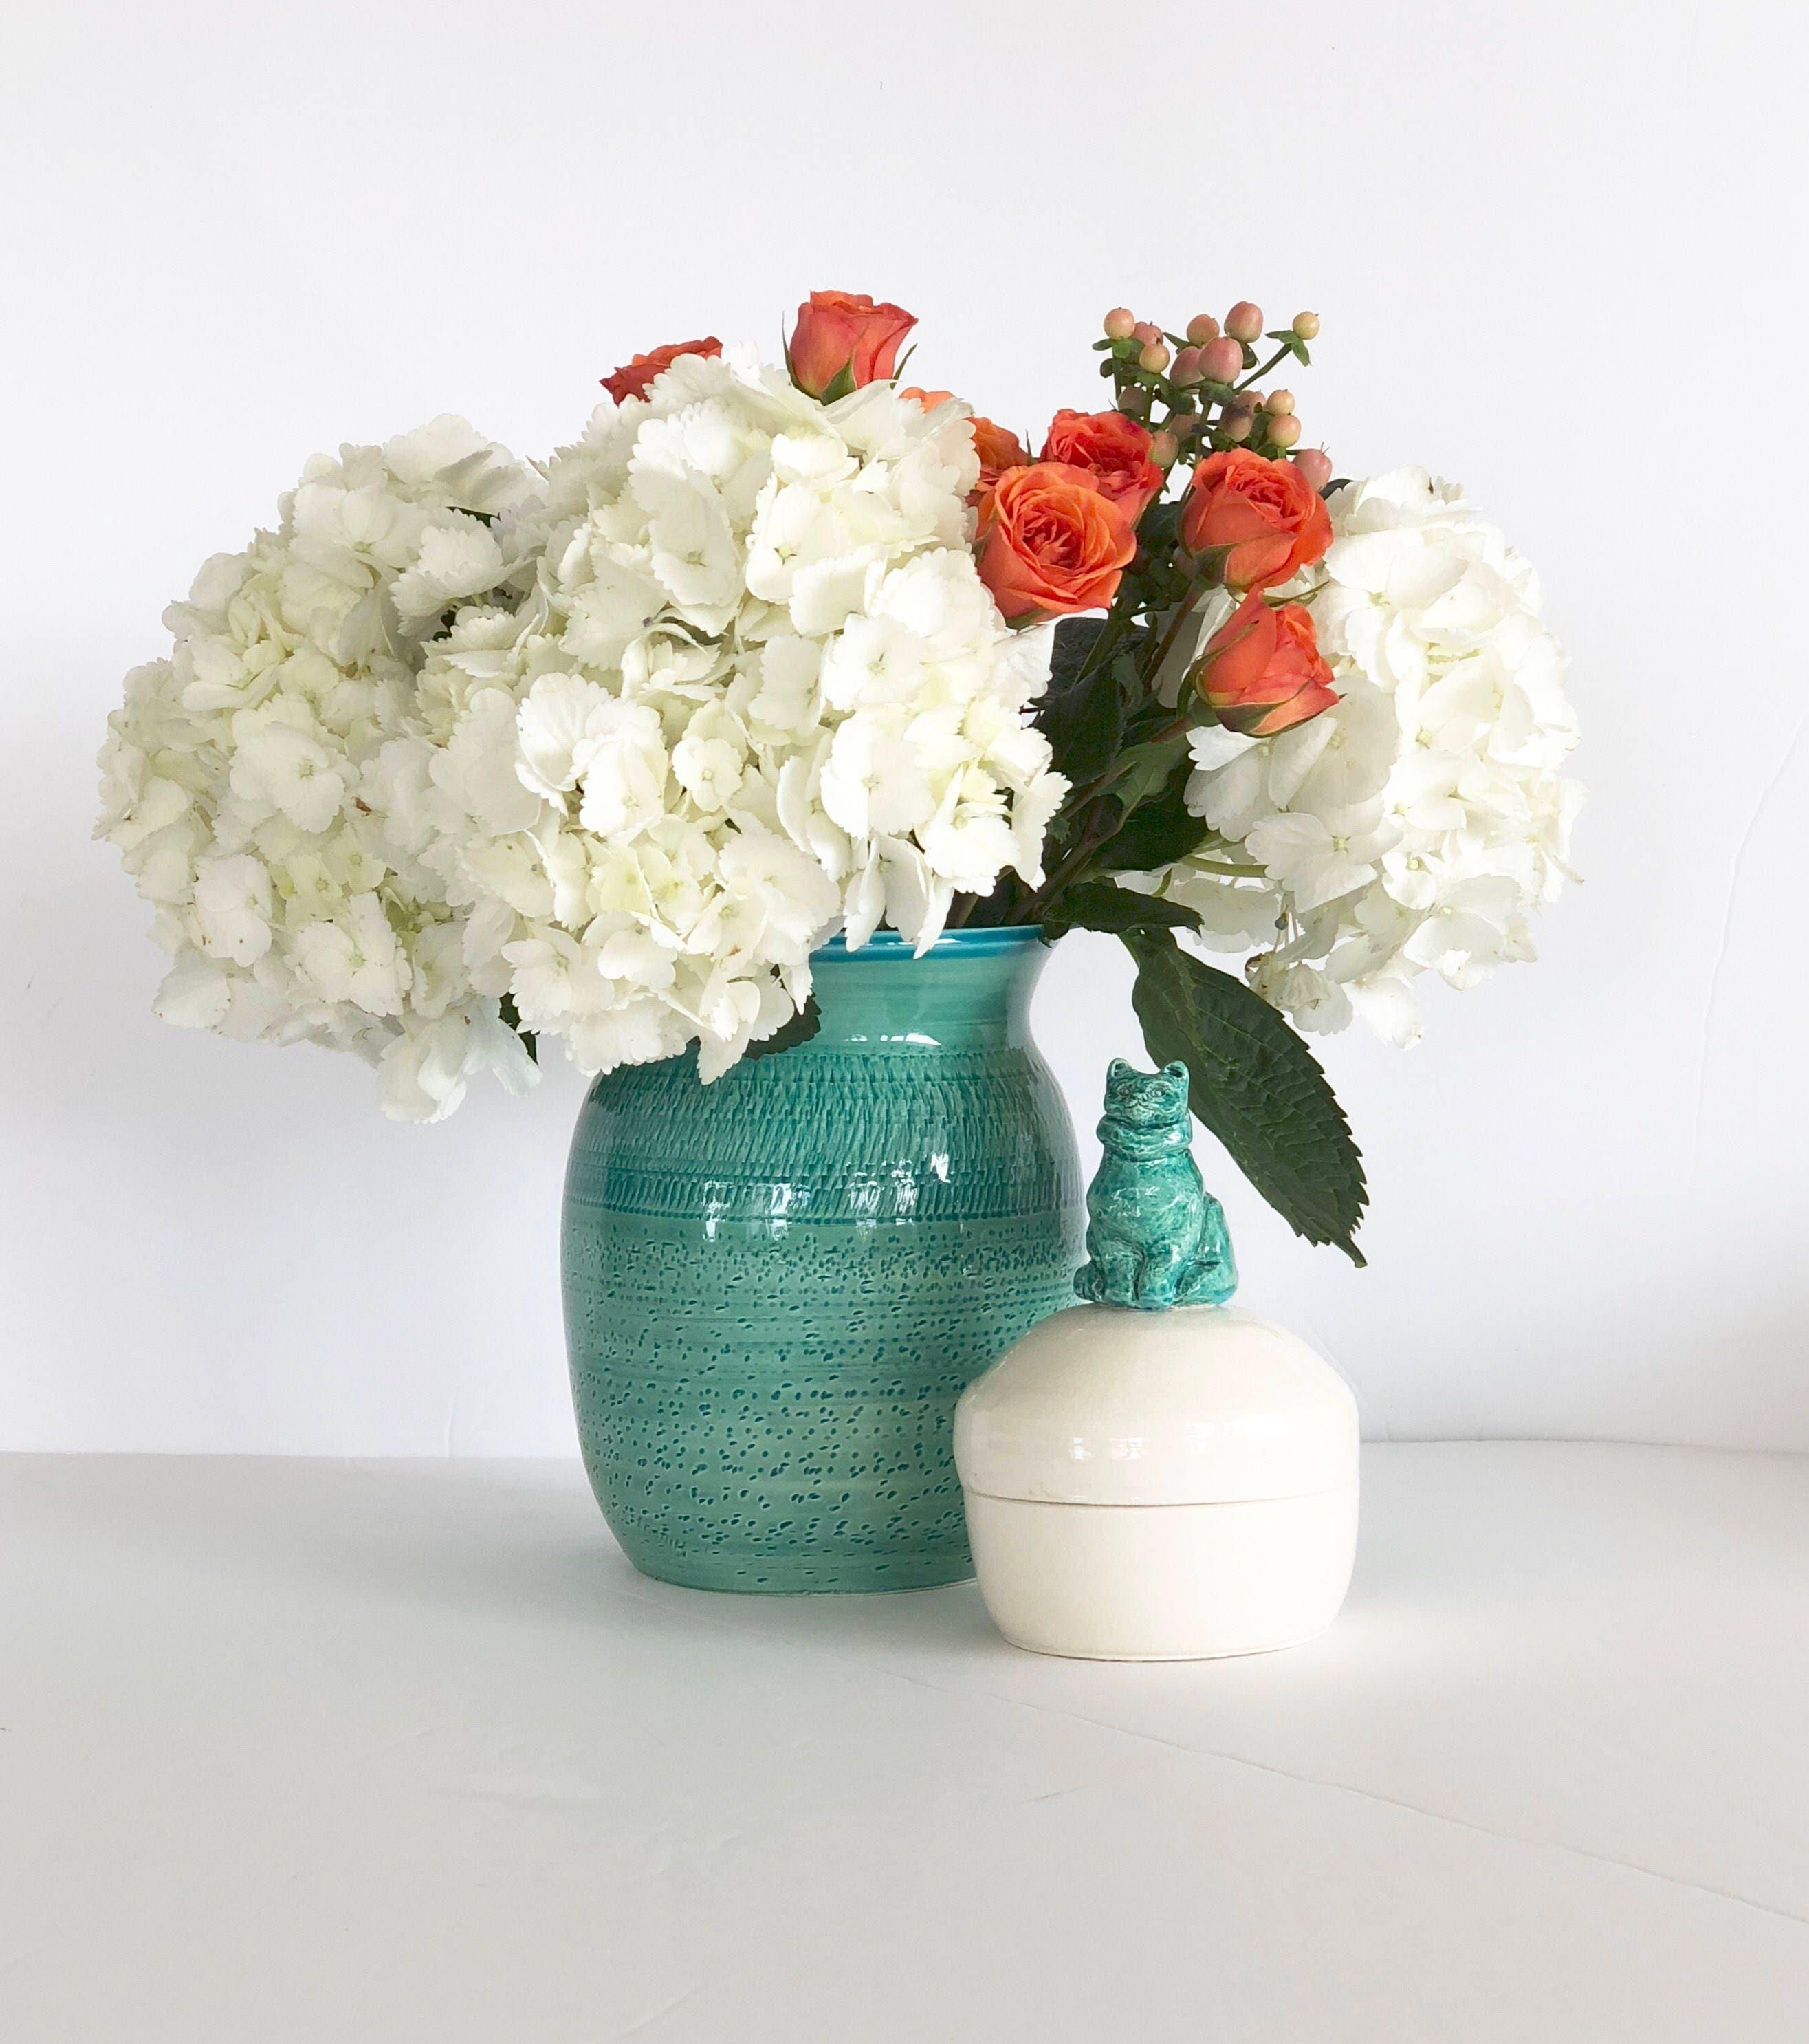 Handmade green and blue flower vase handmade green and blue flower vase gallery photo gallery photo gallery photo gallery photo gallery photo reviewsmspy